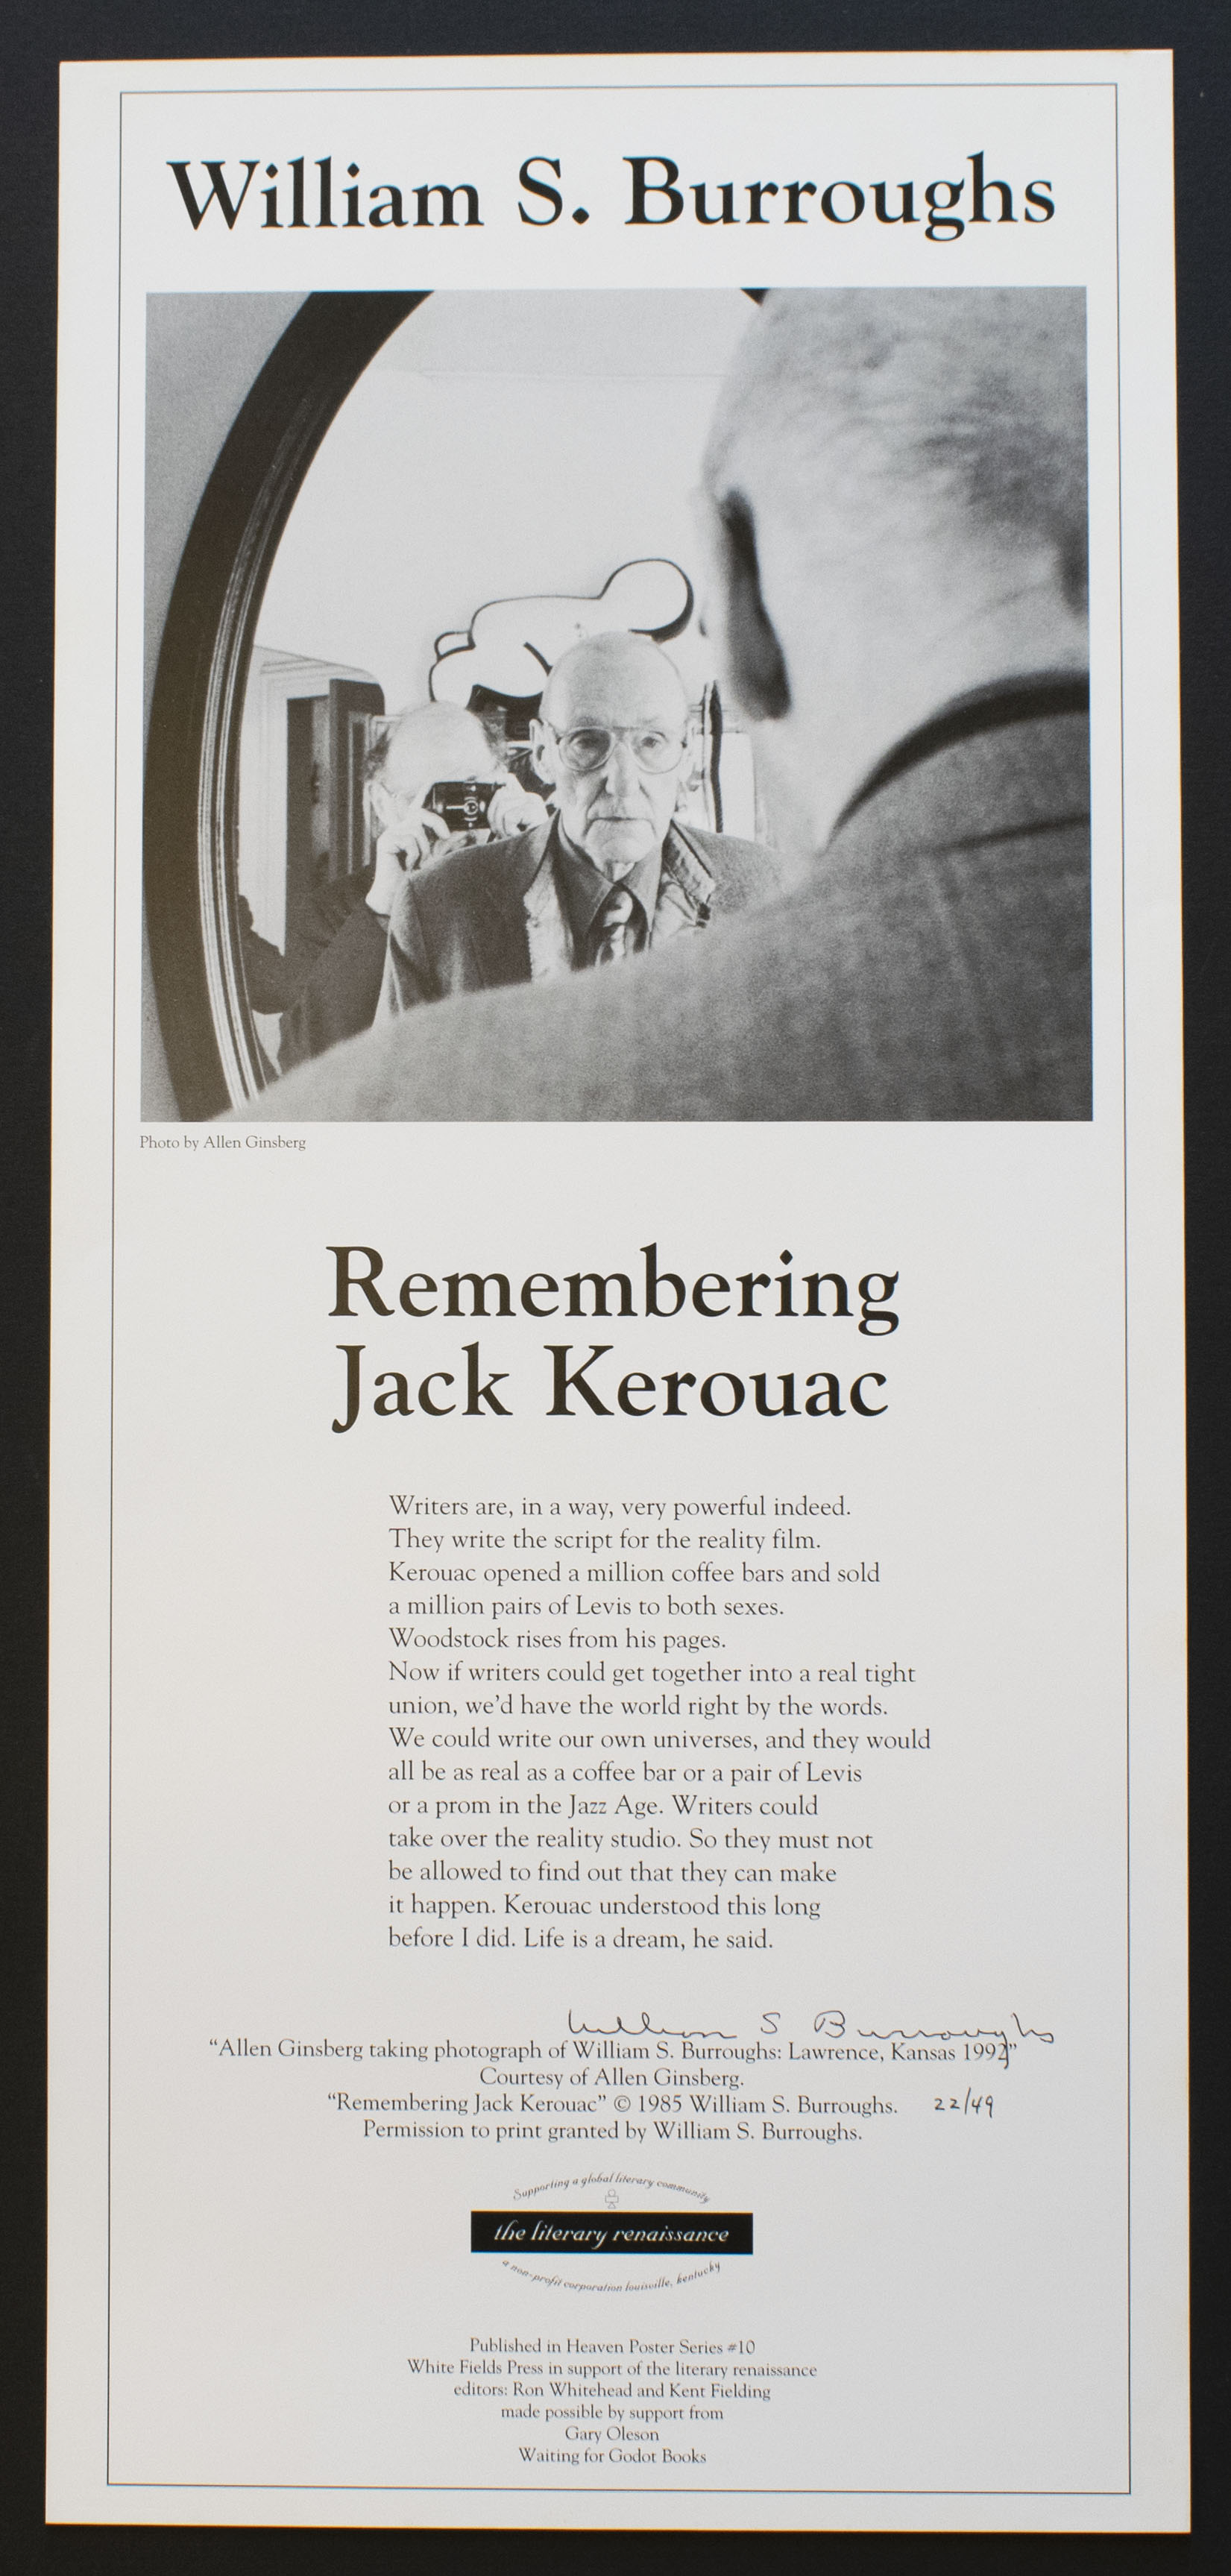 Remembering Jack Kerouac, 1994